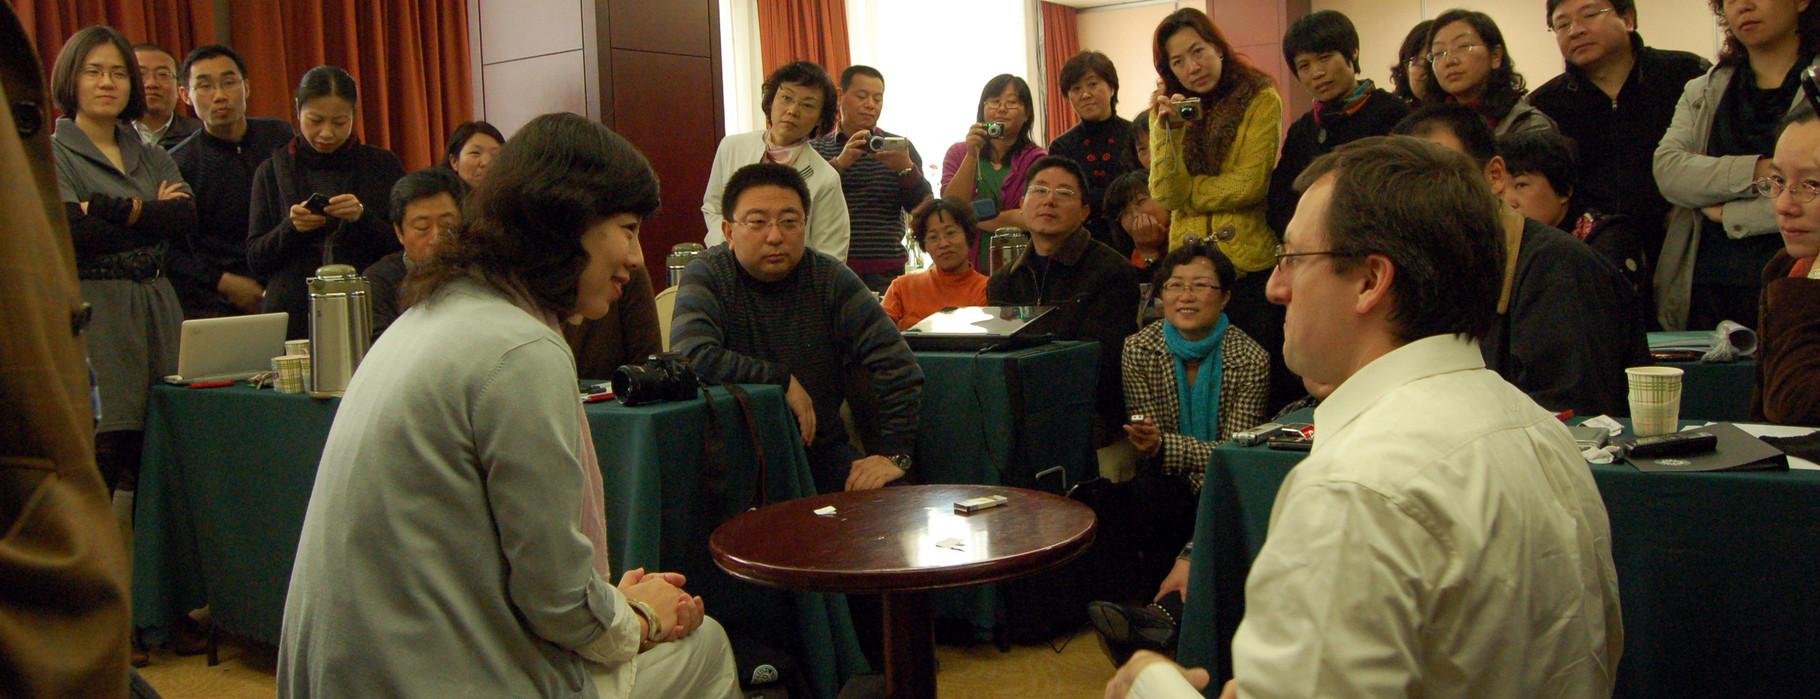 Hypnotherapie-Training an der Peking-University für chinesische Psychiater und Psychologen